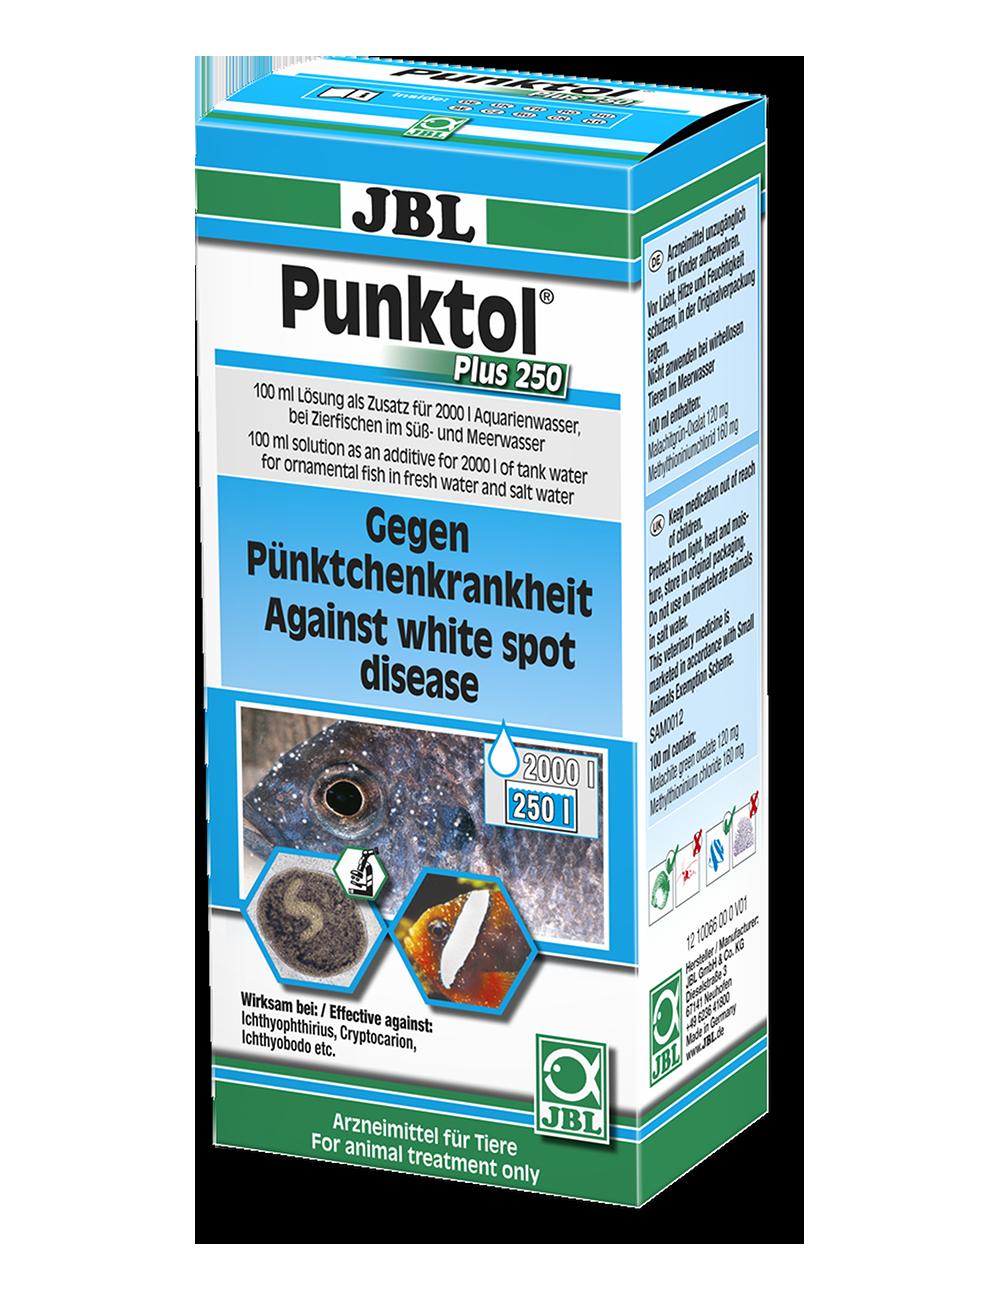 JBL - Punktol Plus 250 - Contre la maladie des points blancs - 100ml